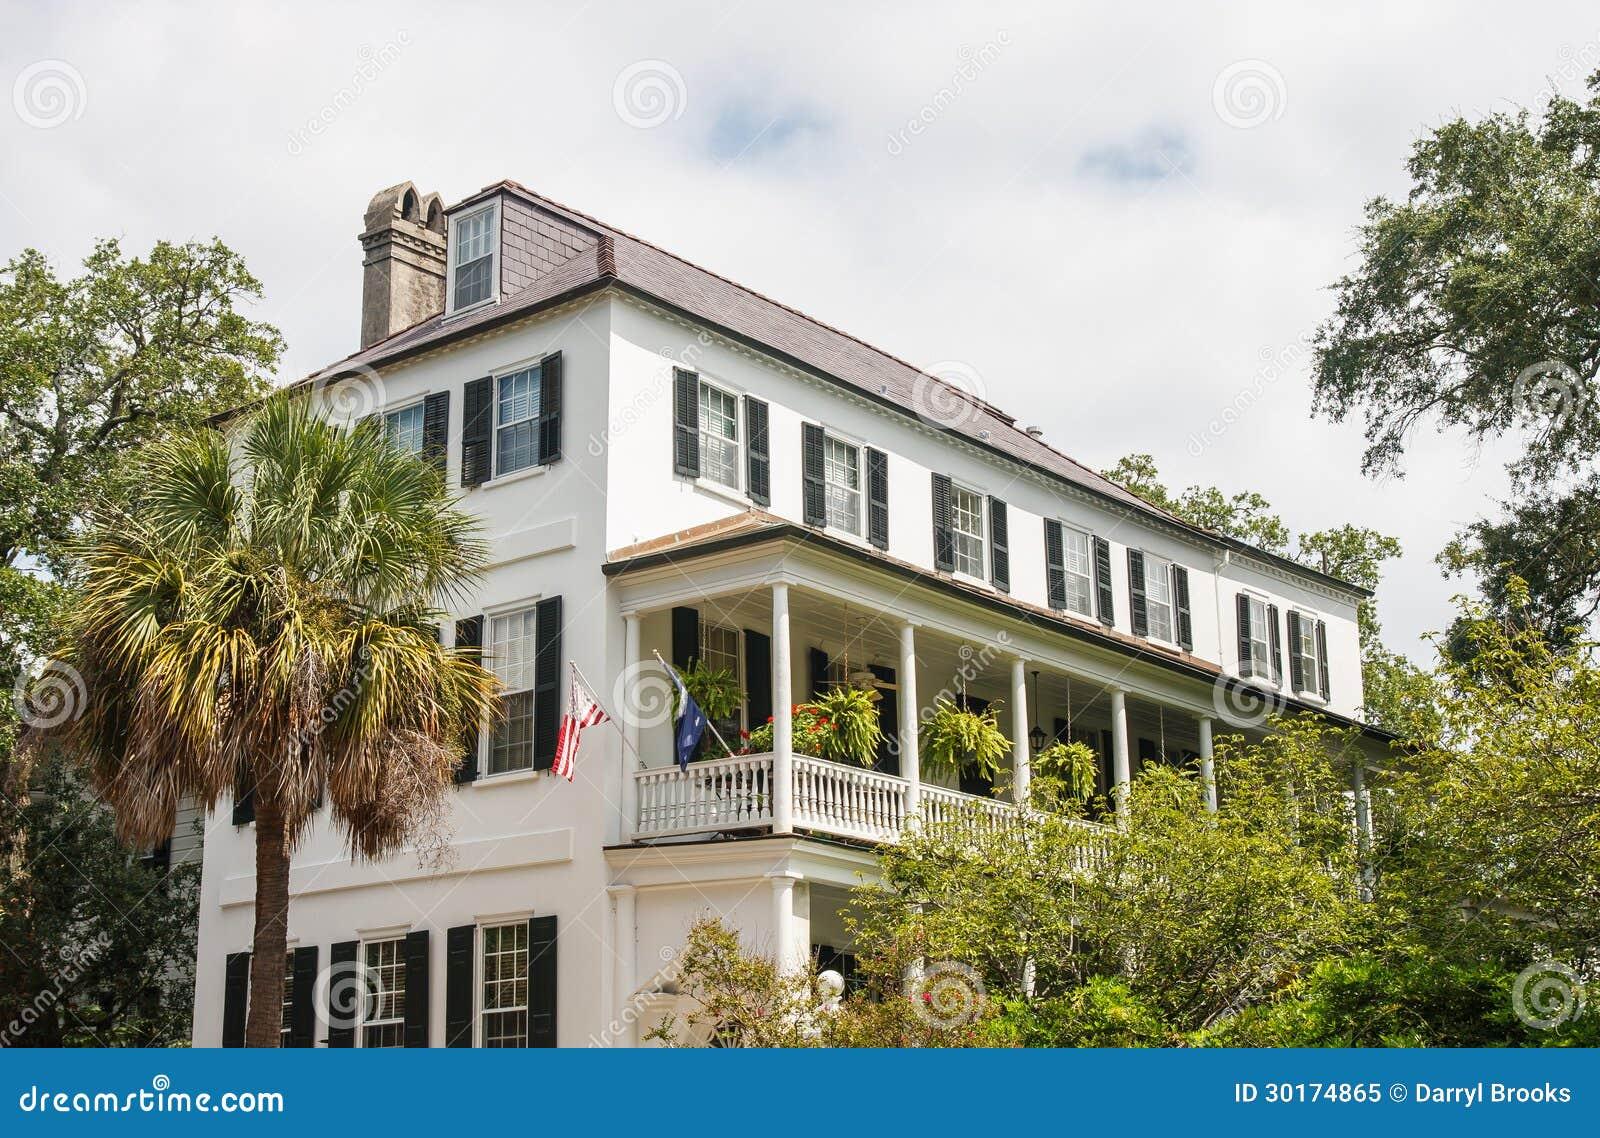 Witte huis met veranda op eerste verdieping royalty vrije stock foto beeld 30174865 - Huis met veranda ...